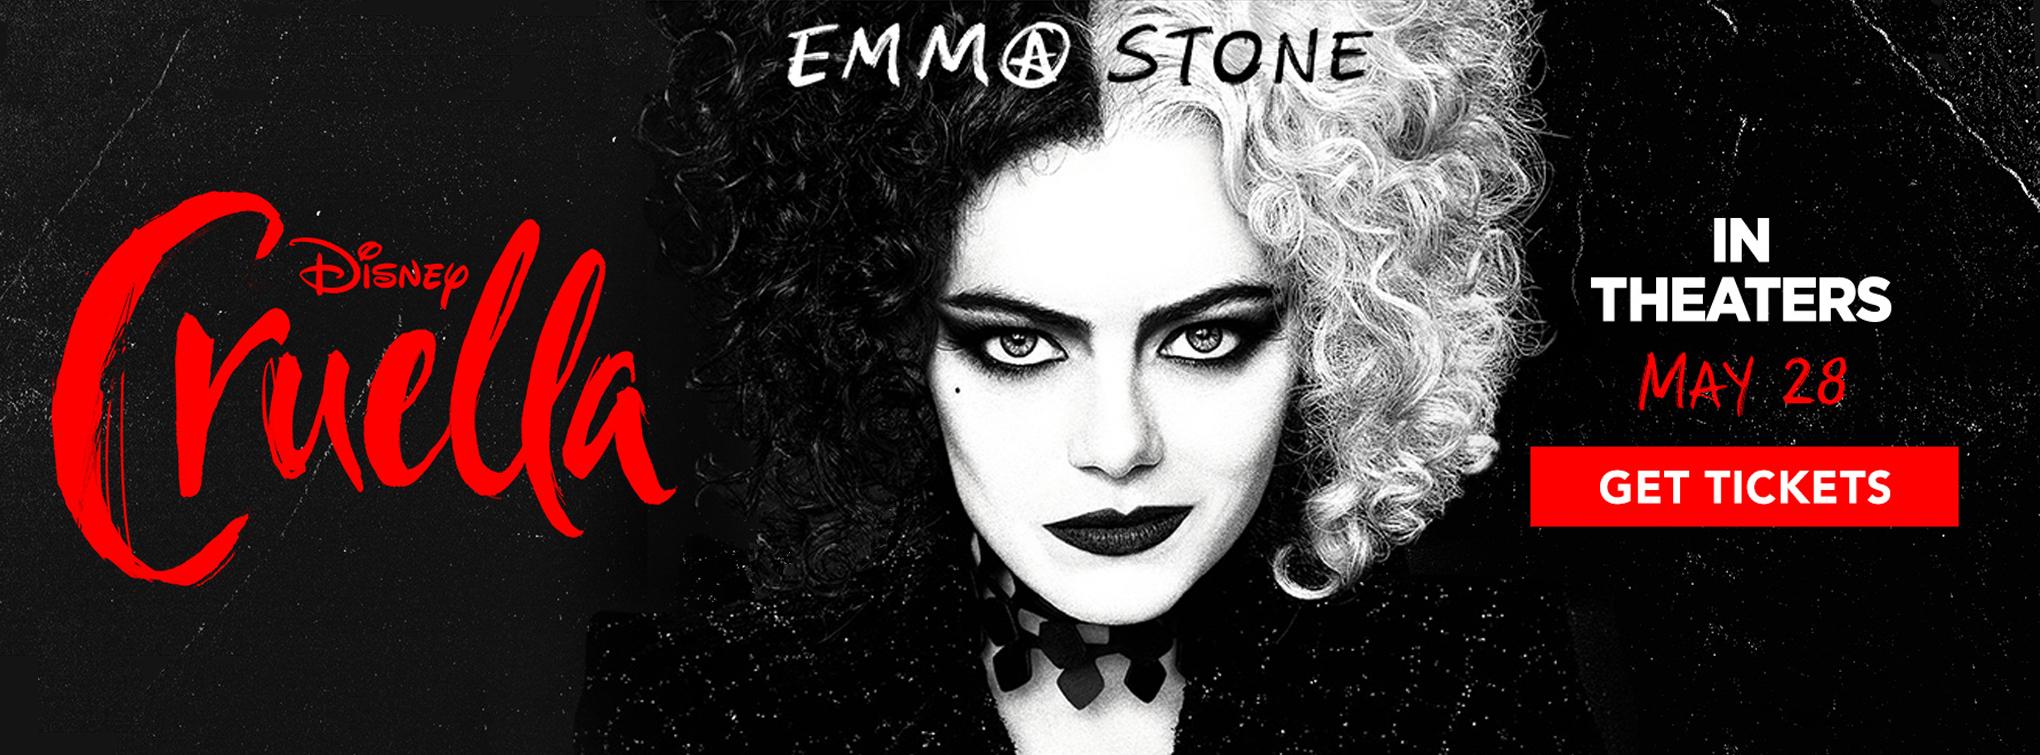 Slider image for Cruella